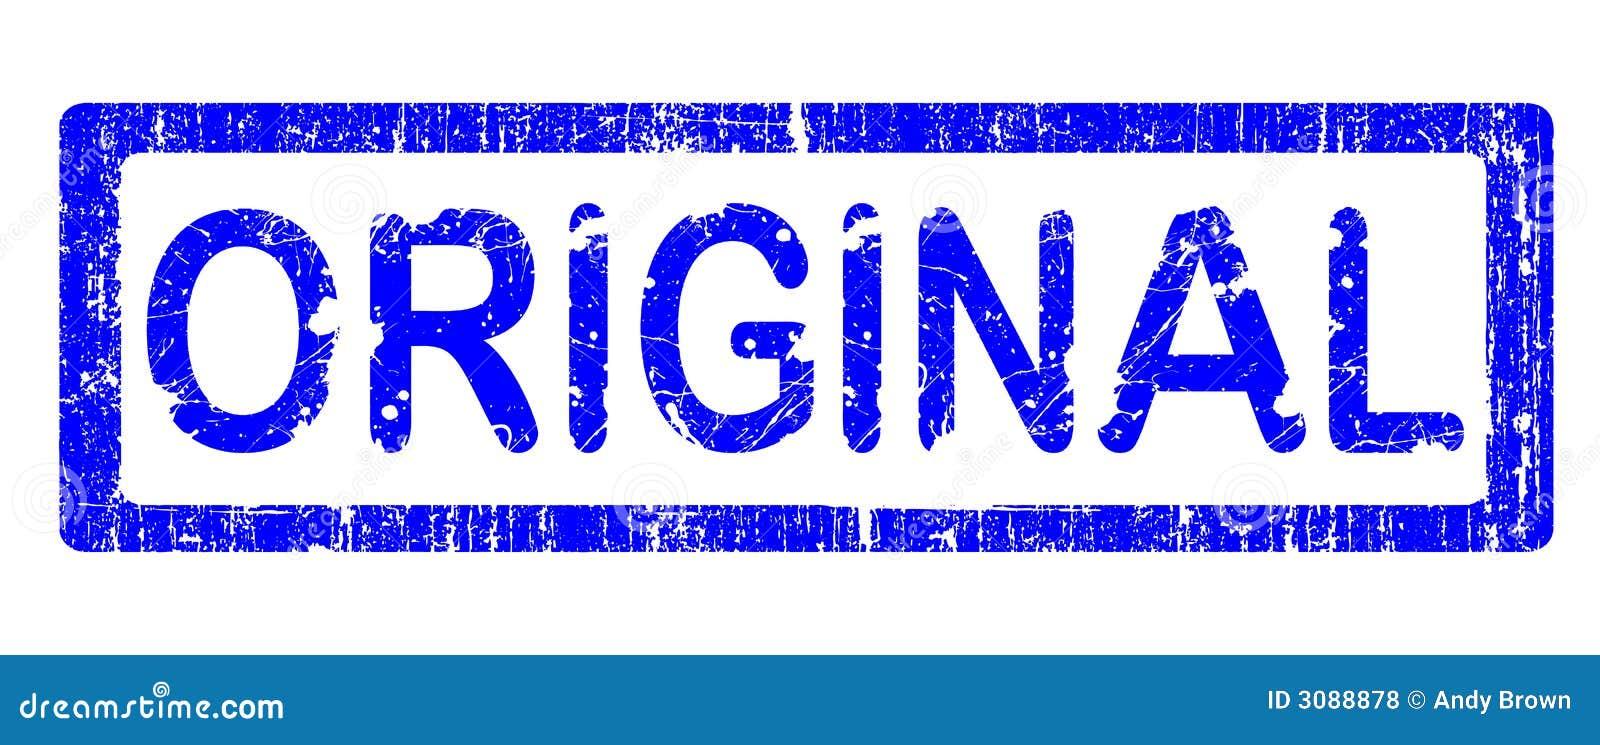 grunge b ro stempel vorlage lizenzfreie stockfotos bild 3088878. Black Bedroom Furniture Sets. Home Design Ideas